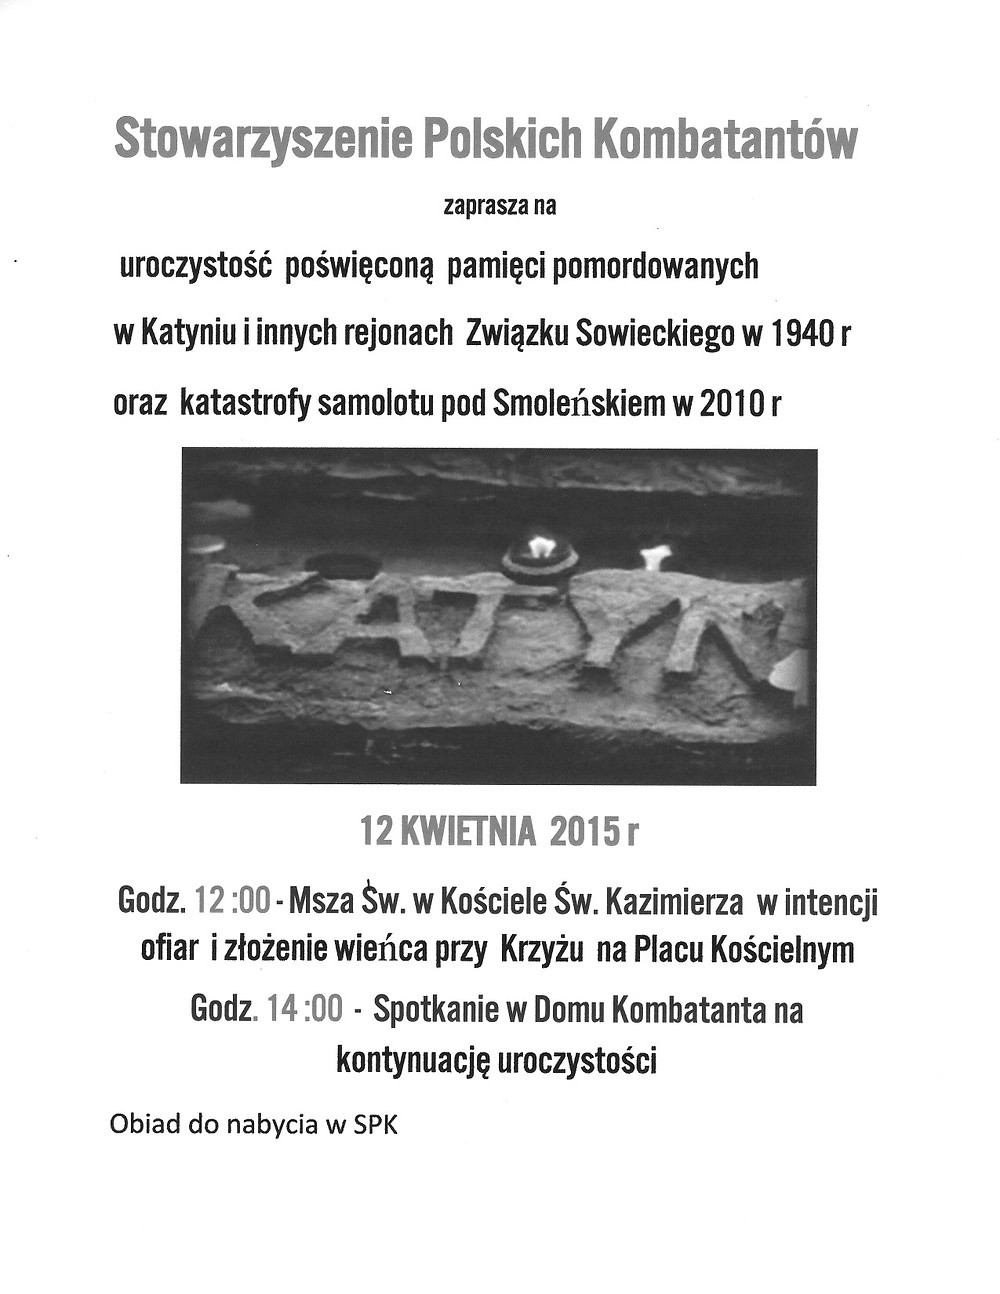 Katyn 2015.jpg